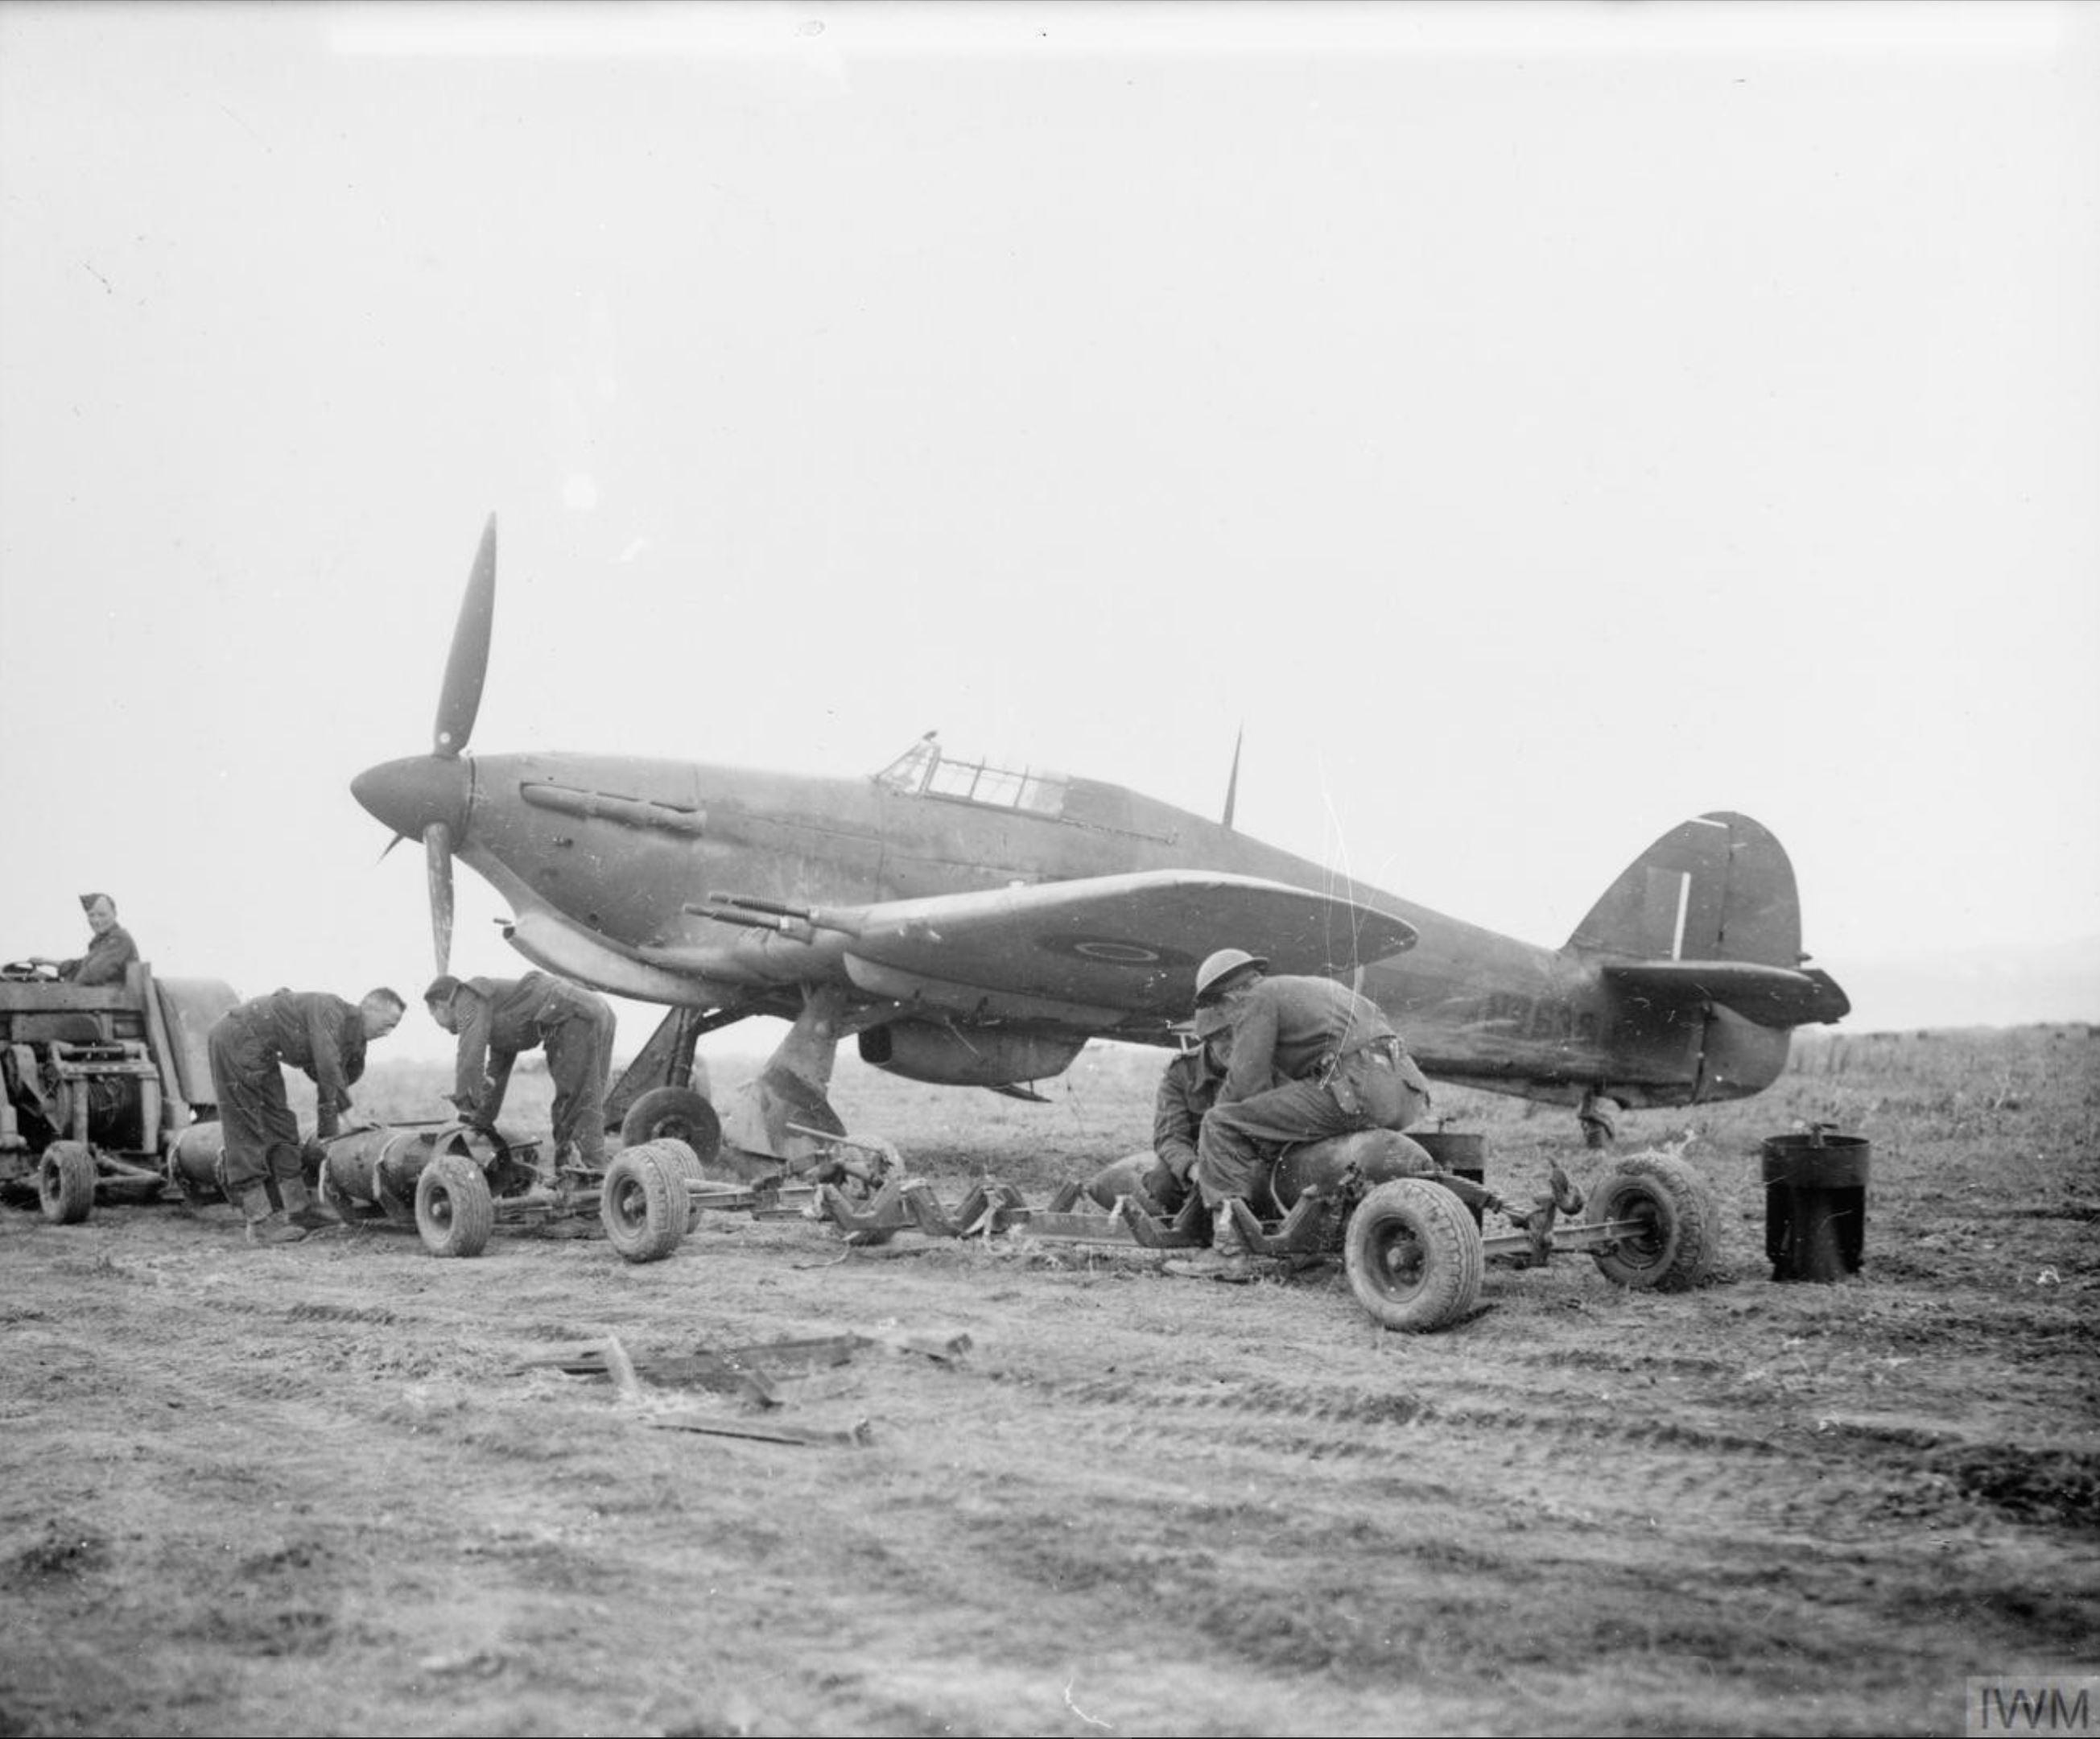 Hawker Hurricane IIc RAF 241Sqn HV638 at Souk el Arba Tunisia 1943 IWM CNA77